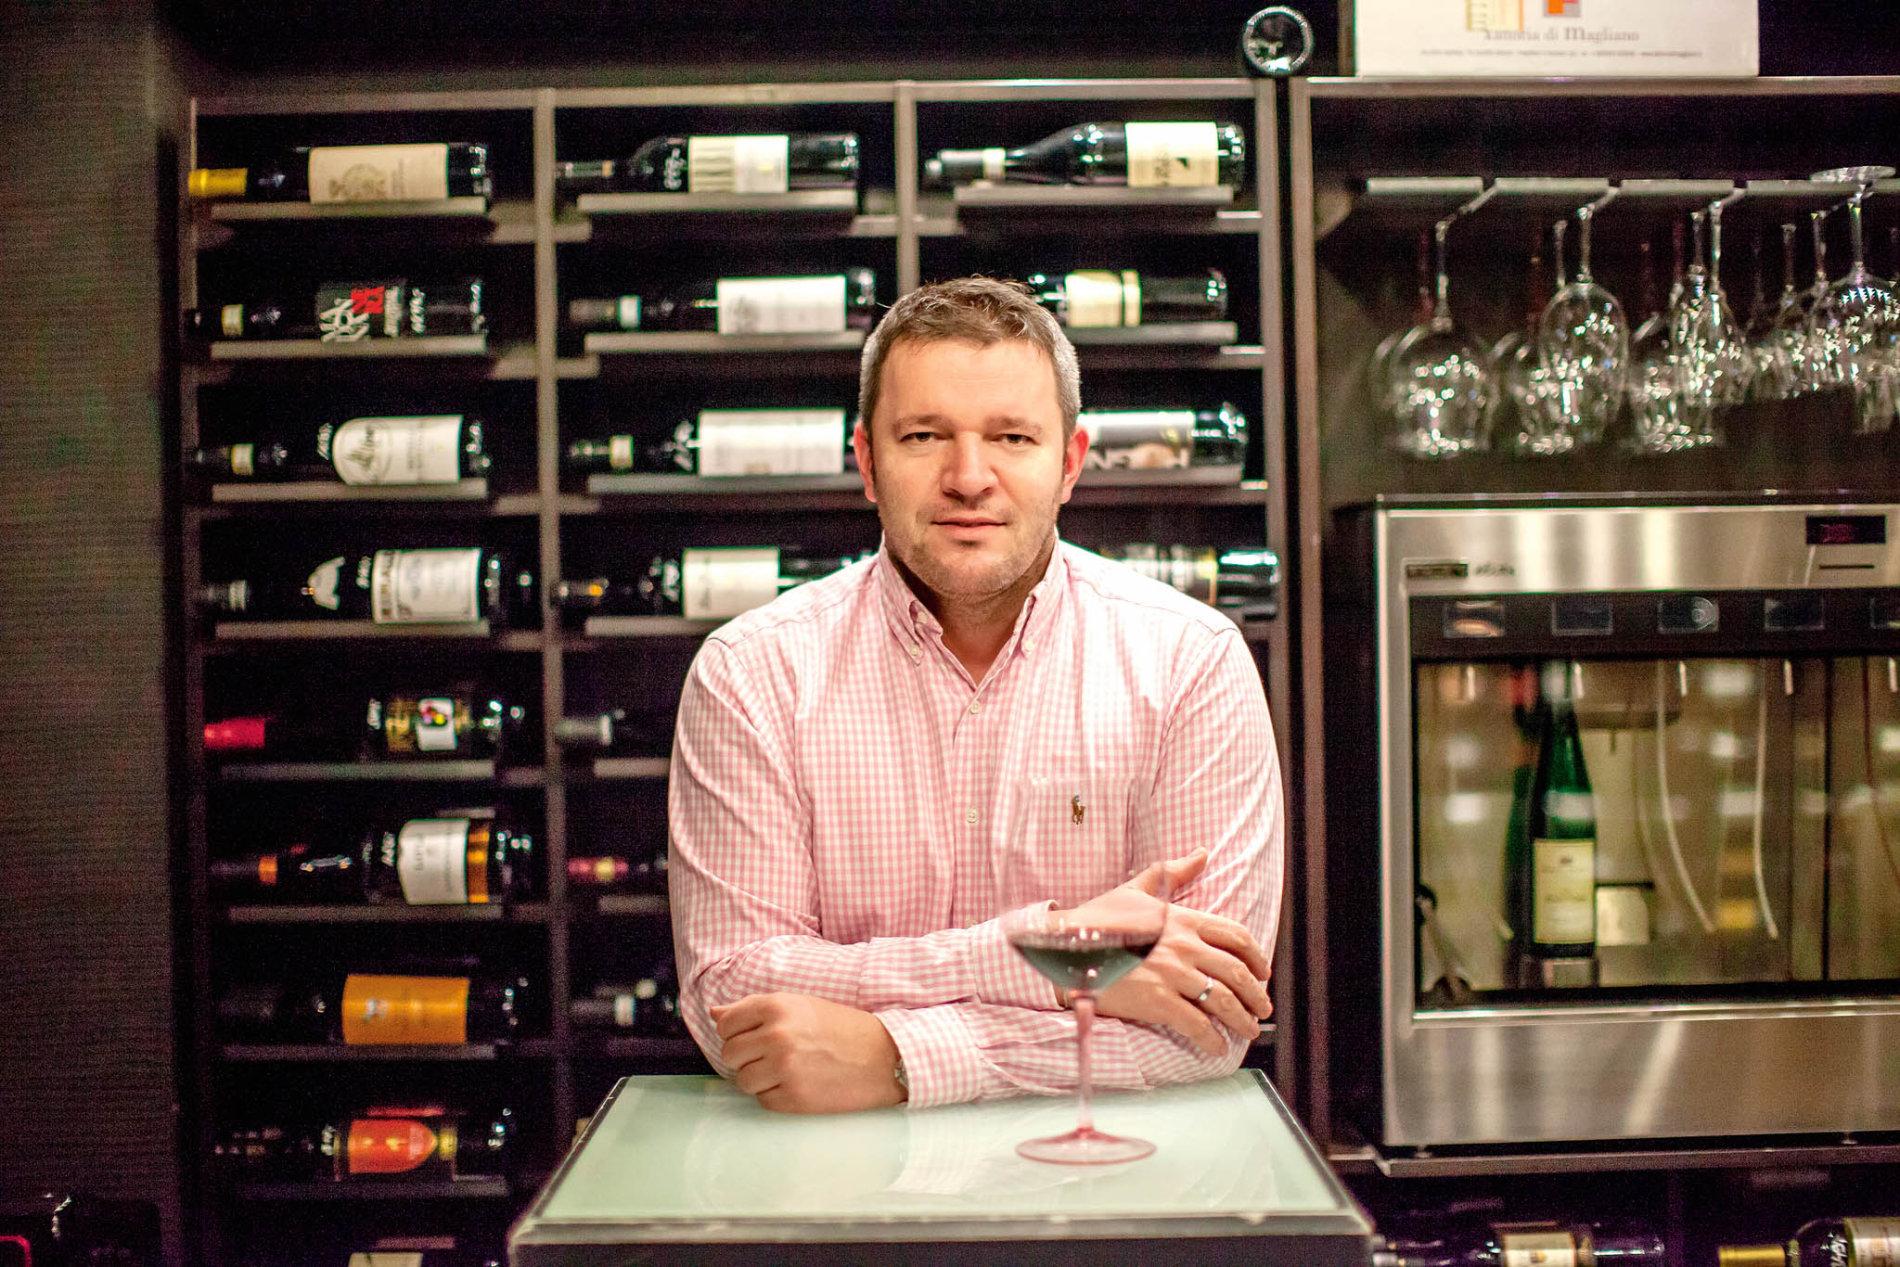 David Kuchař nakupuje víno pro zhruba desítku bohatých klientů.